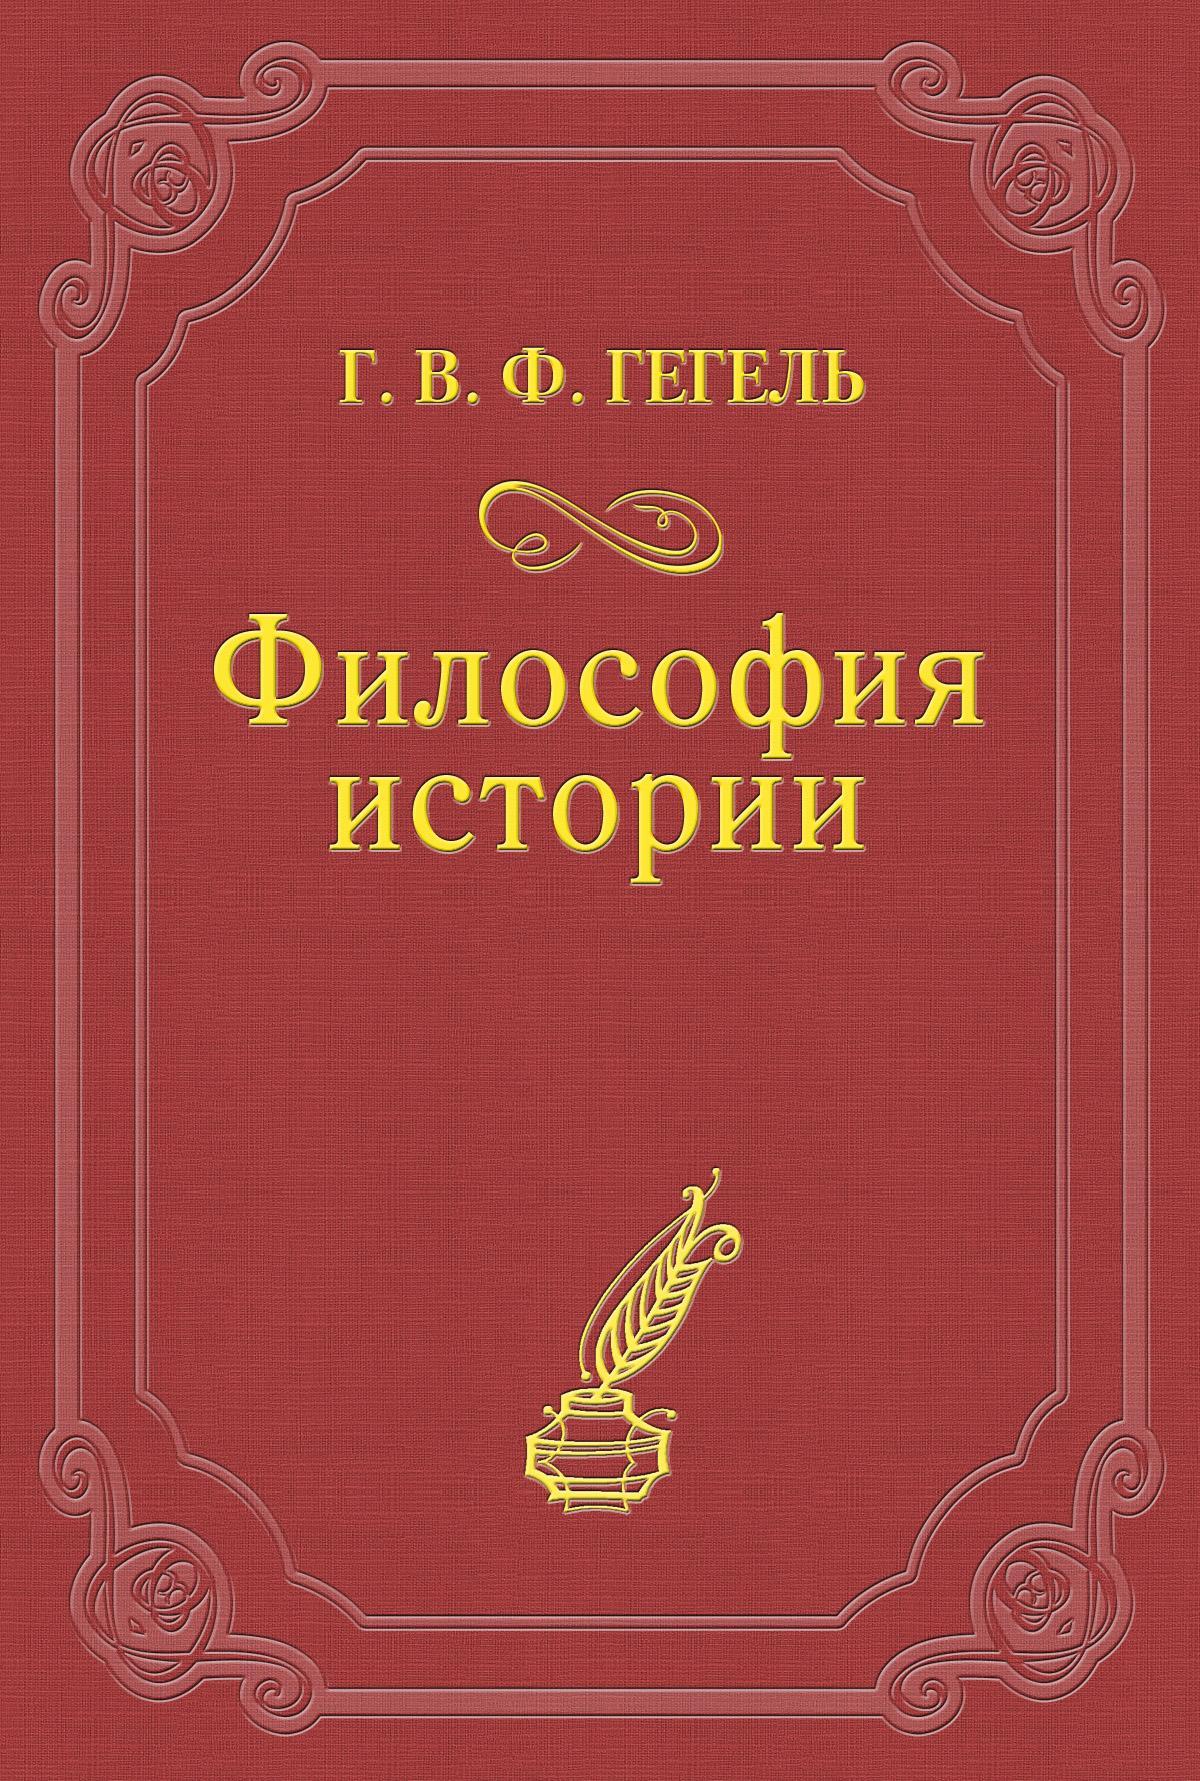 Георг Гегель Философия истории александр кожев введение в чтение гегеля